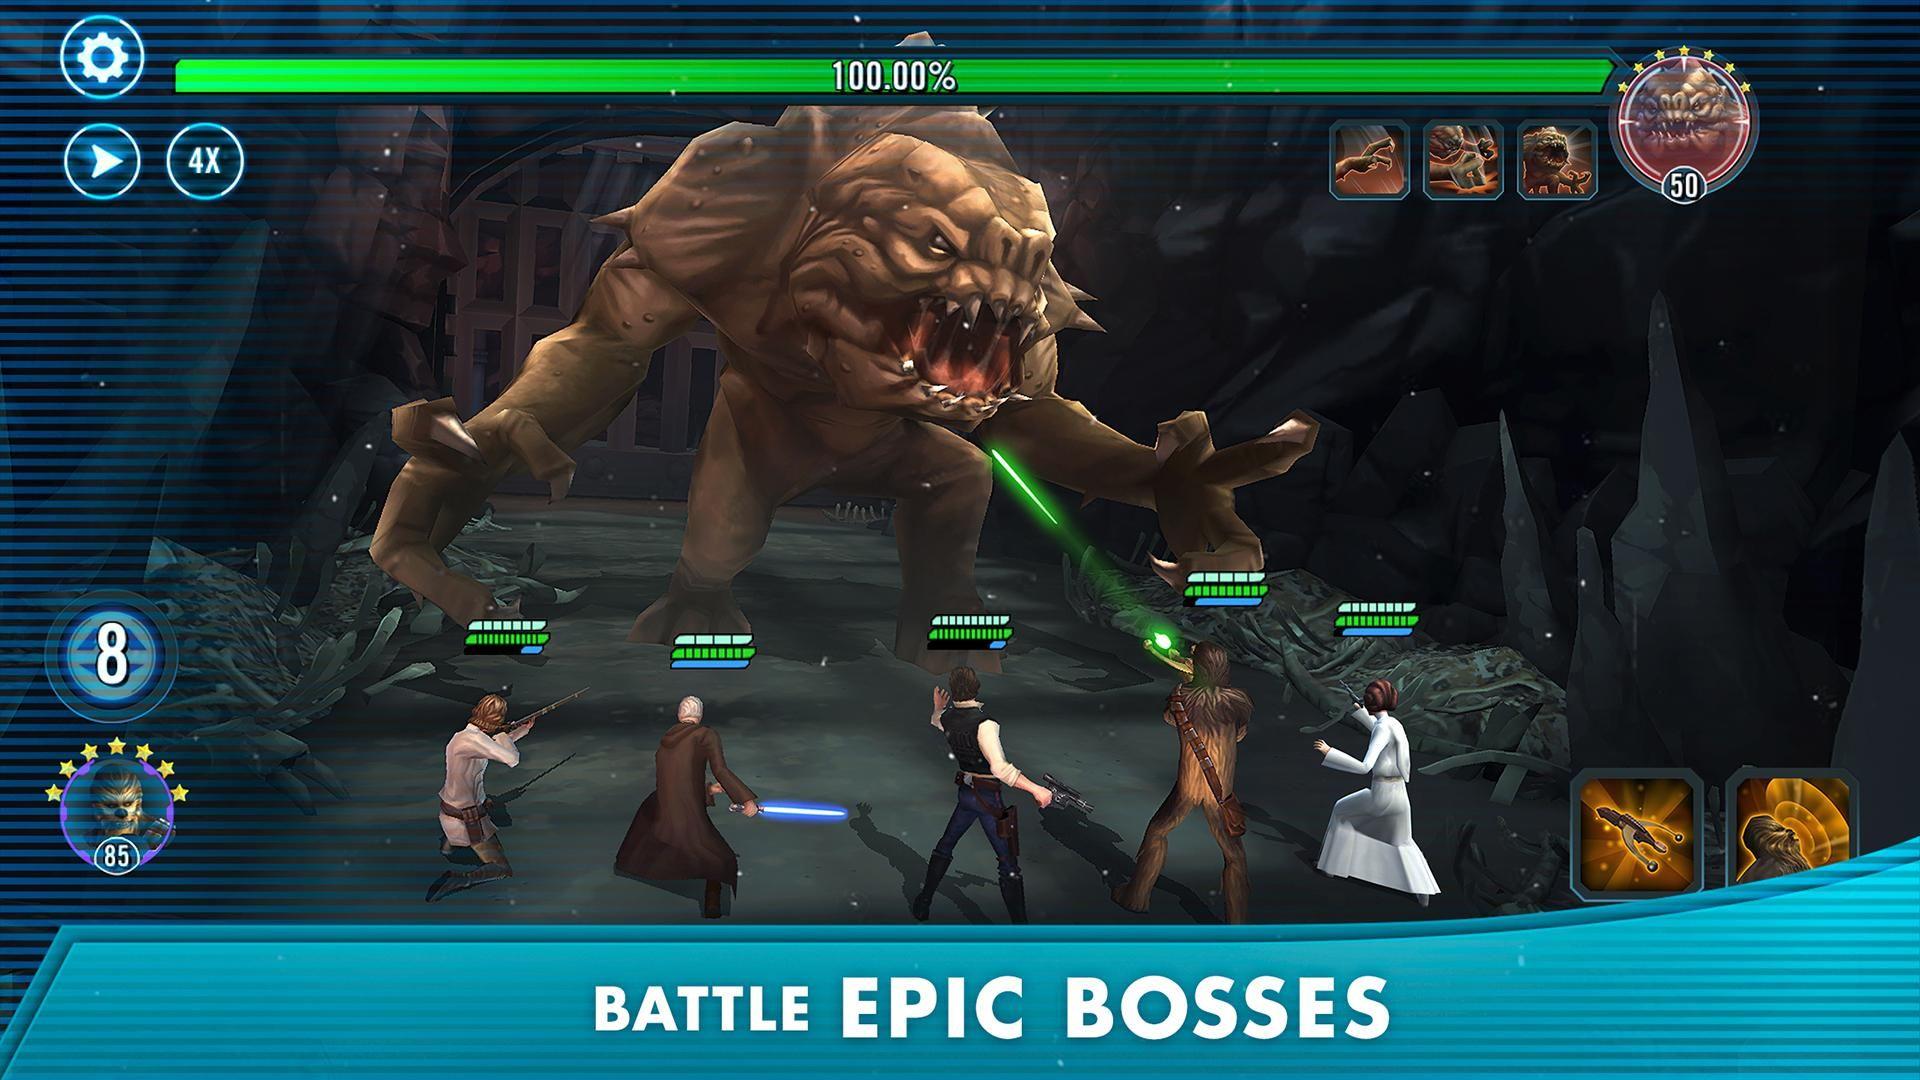 星球大战:银河英雄传 游戏截图4